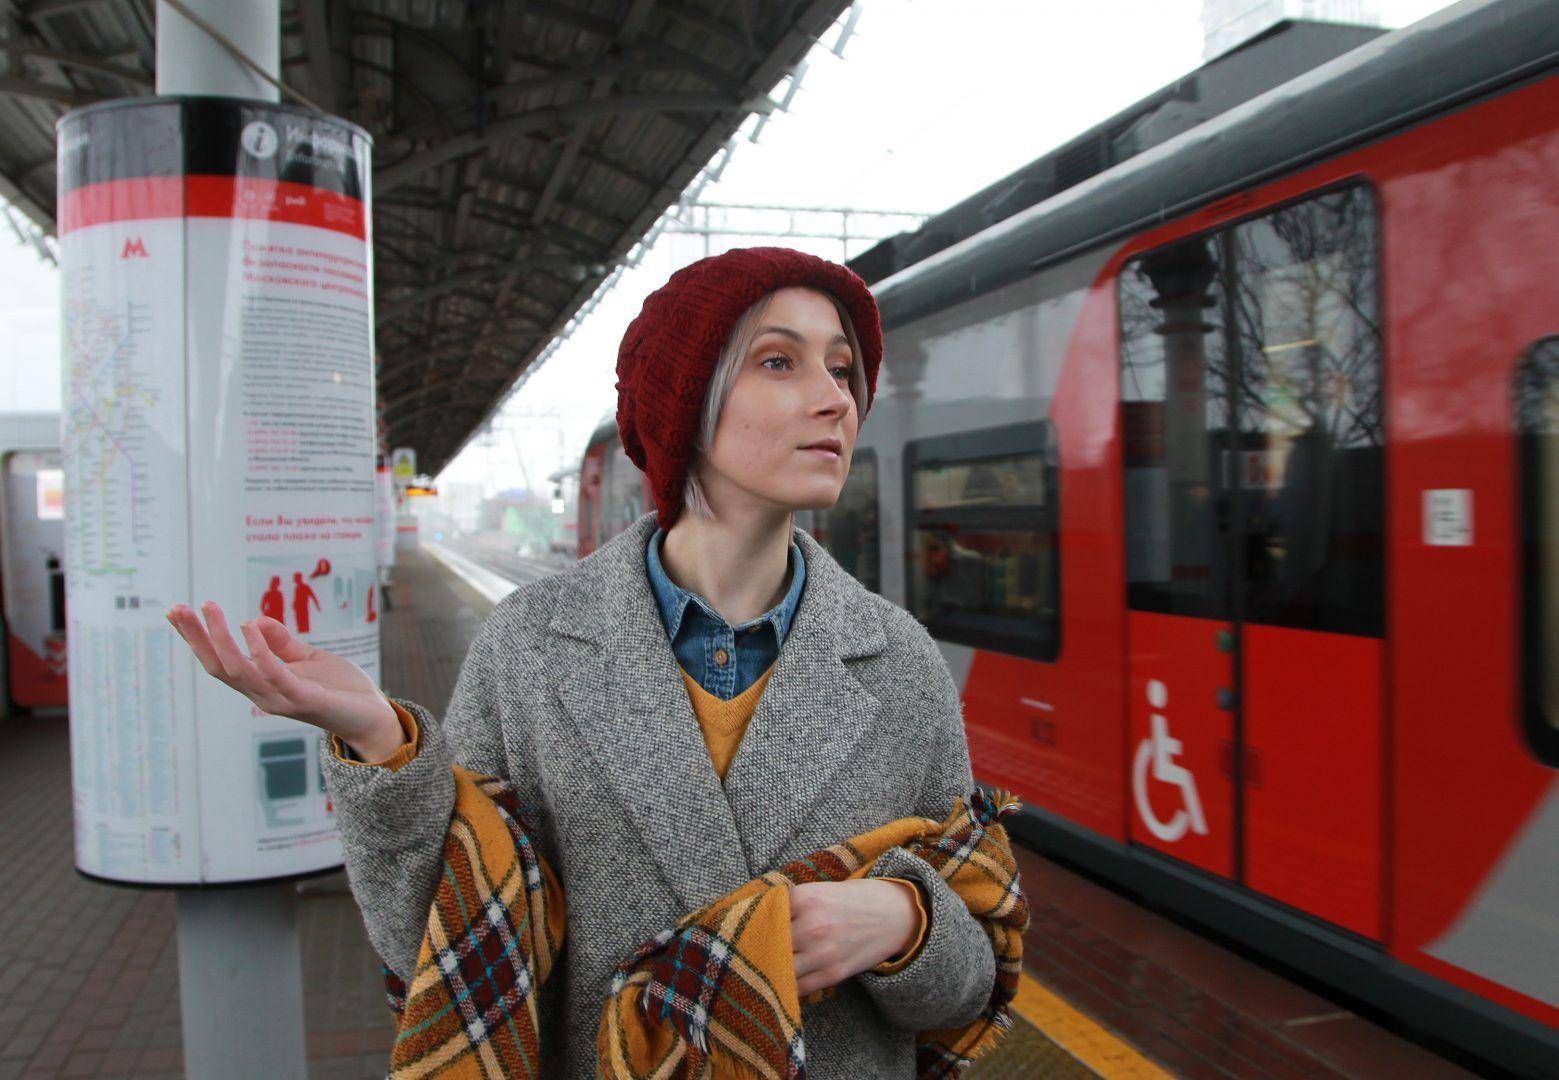 Станции Московского центрального кольца отключат на час. Фото: Наталия Нечаева «Вечерняя Москва»